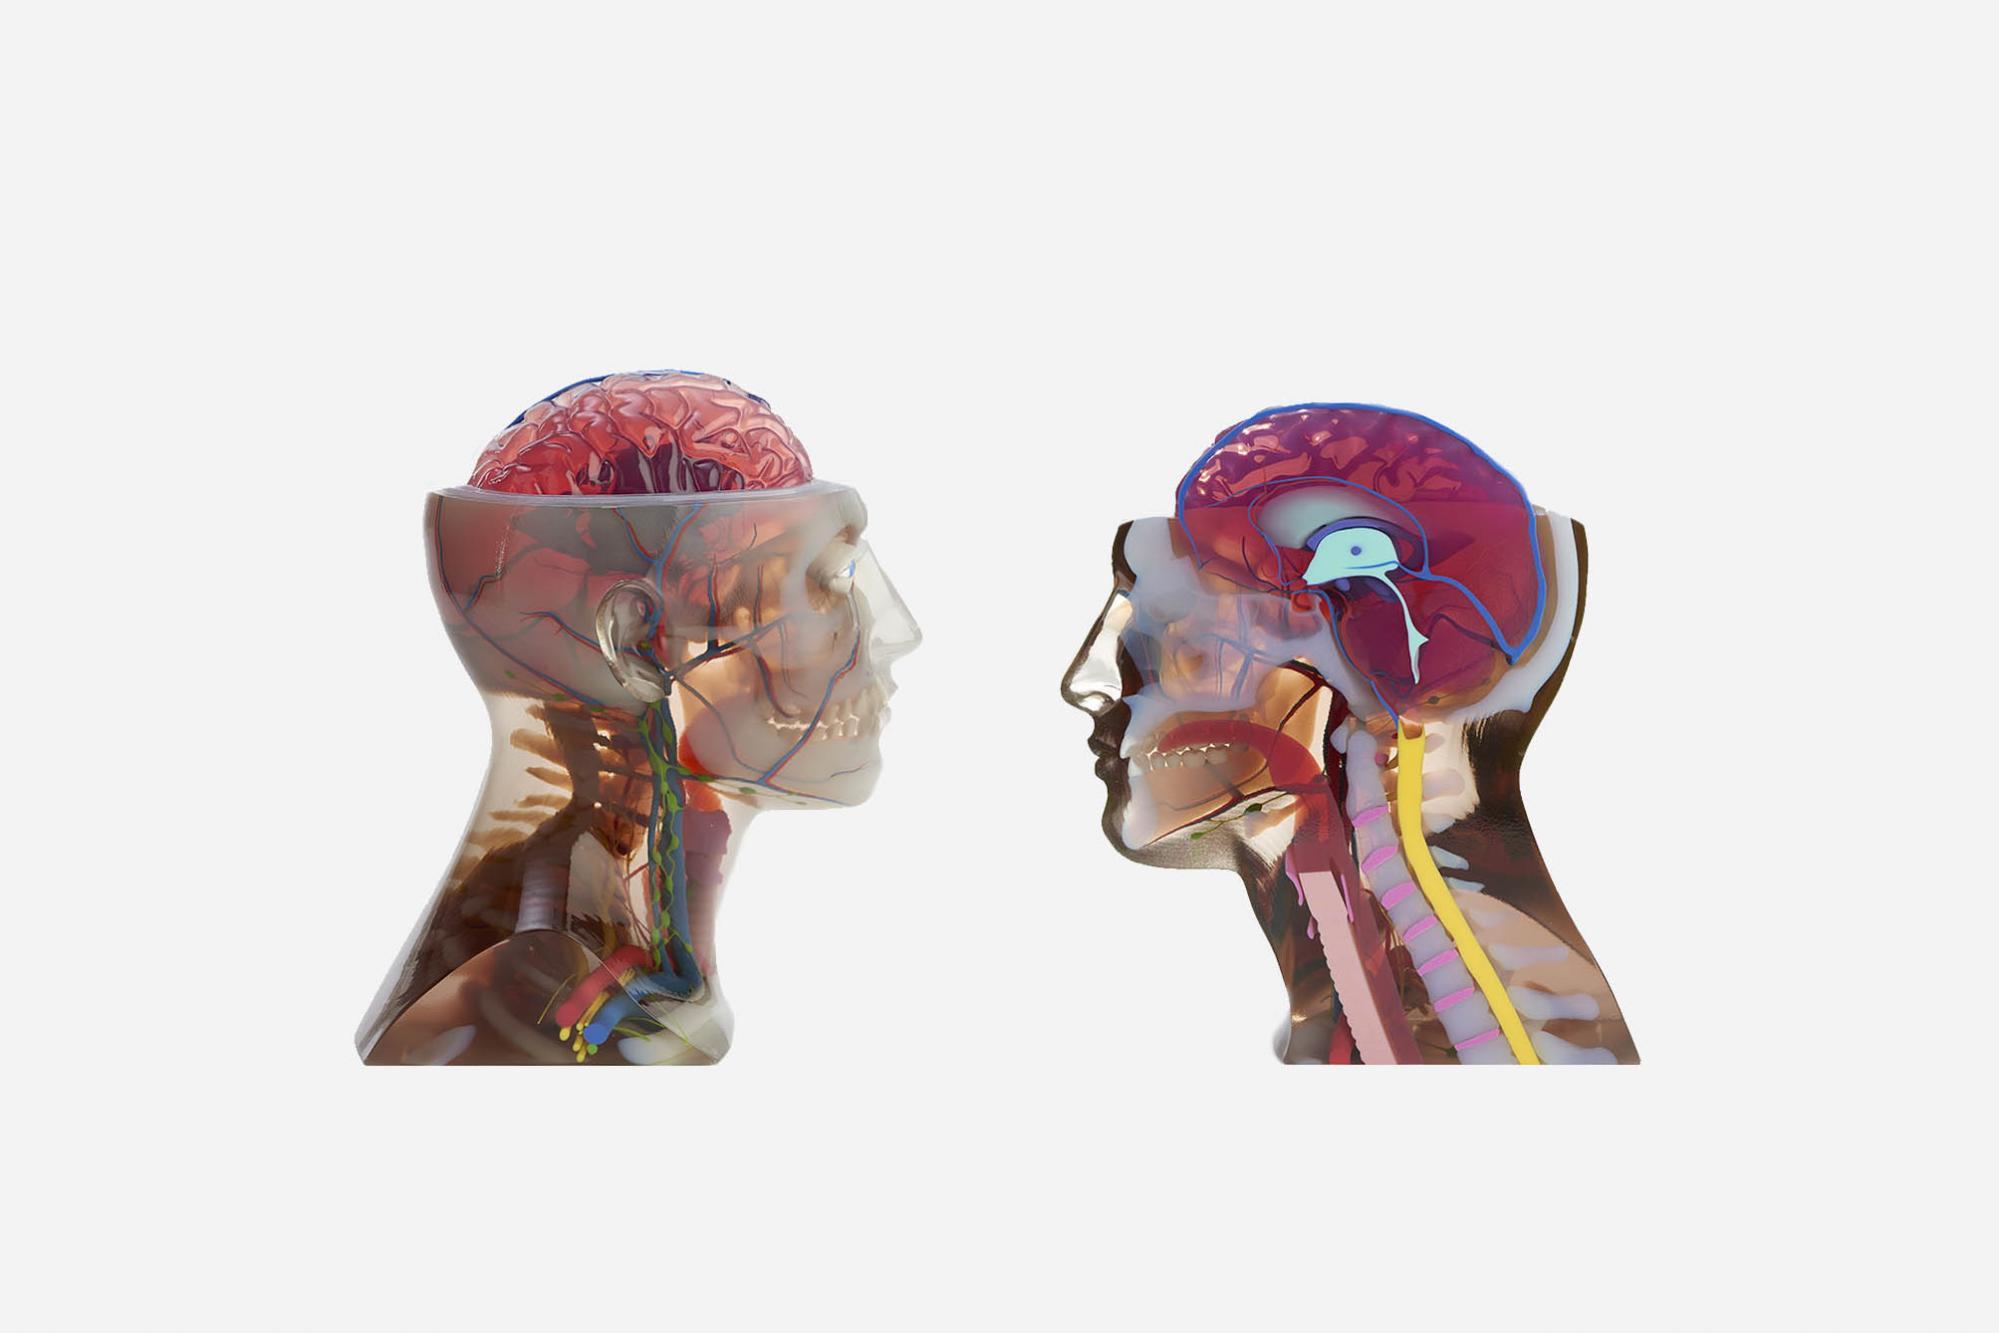 صنعت پزشکی برای ساخت مدل های آموزشی پزشکی از پرینت تمام رنگی متریال جتینگ استفاده می کند.